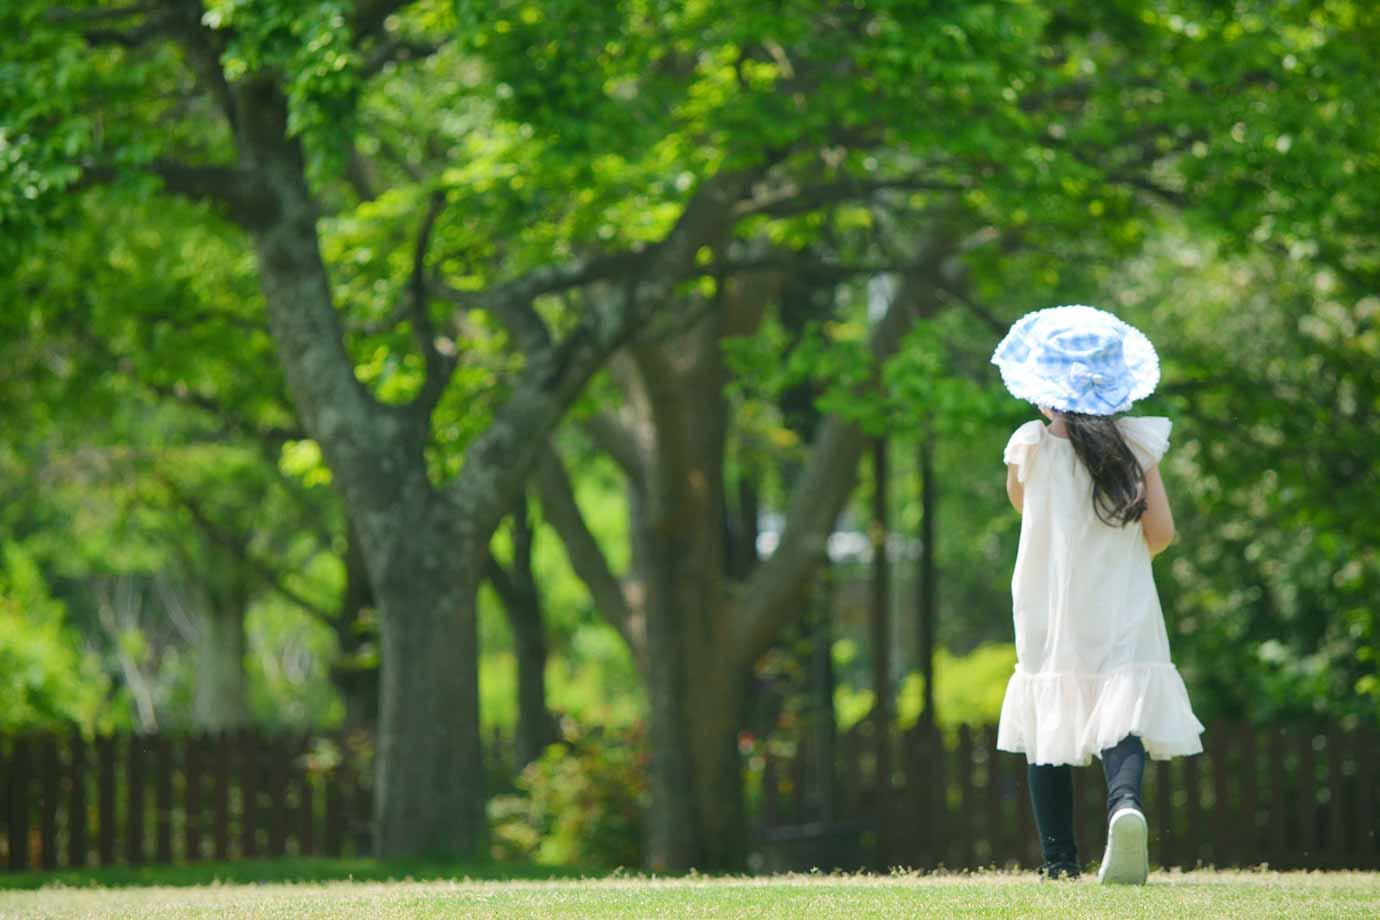 外出自粛の影響で例年以上に熱中症や夏バテのリスクが